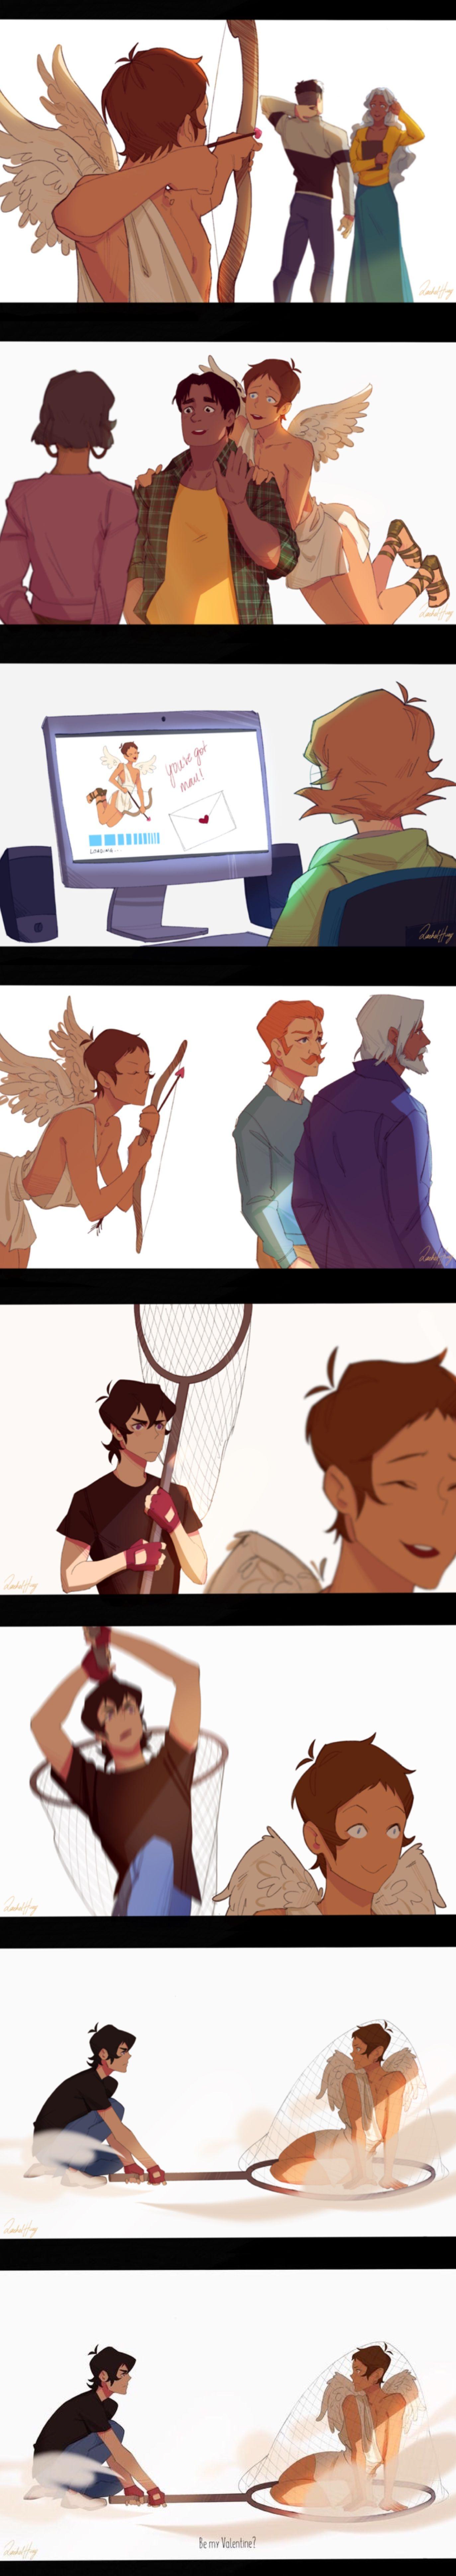 Rachelhuey88 - Tumblr Cupid Lance